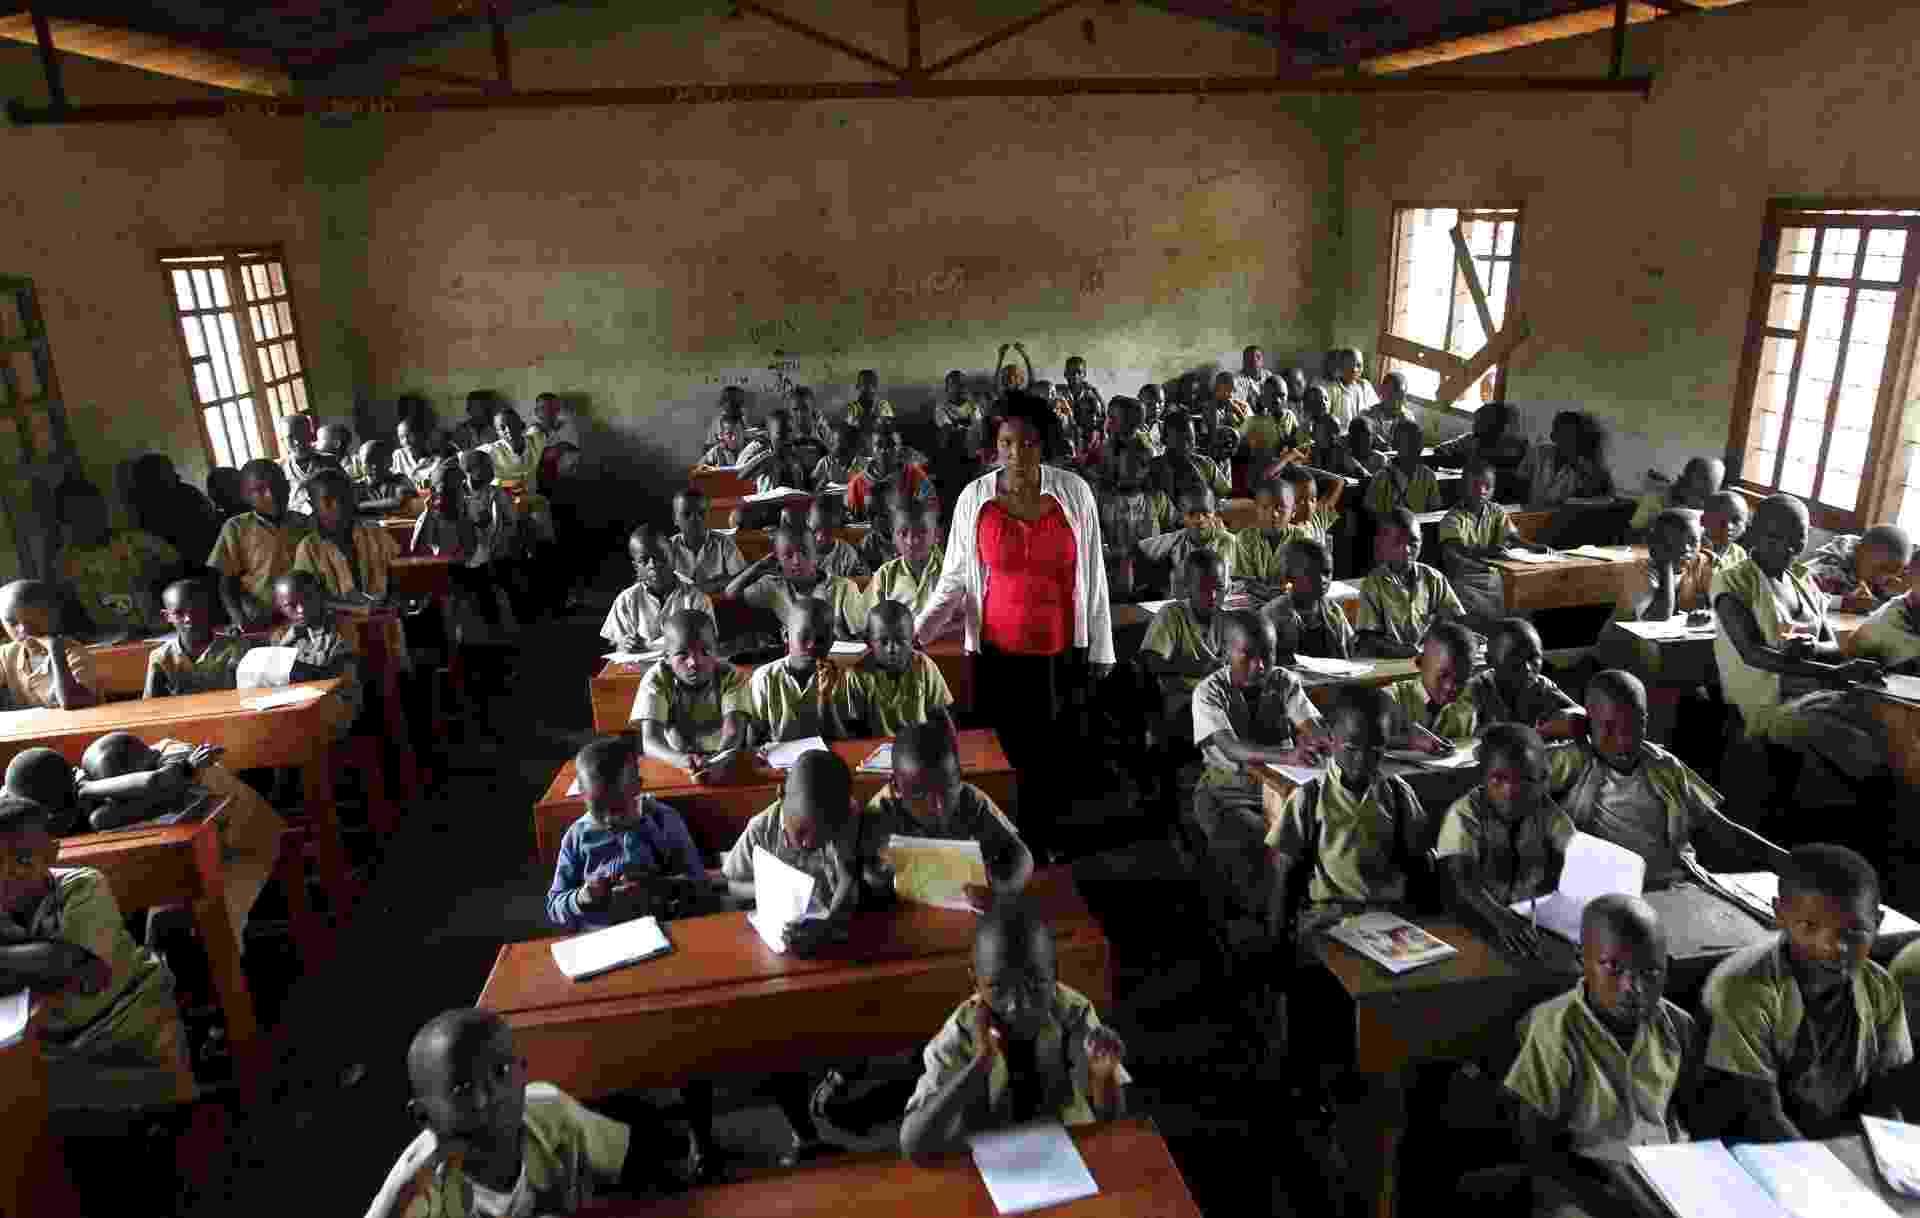 salas de aula ao redor do mundo - Thomas Mukoya/Reuters